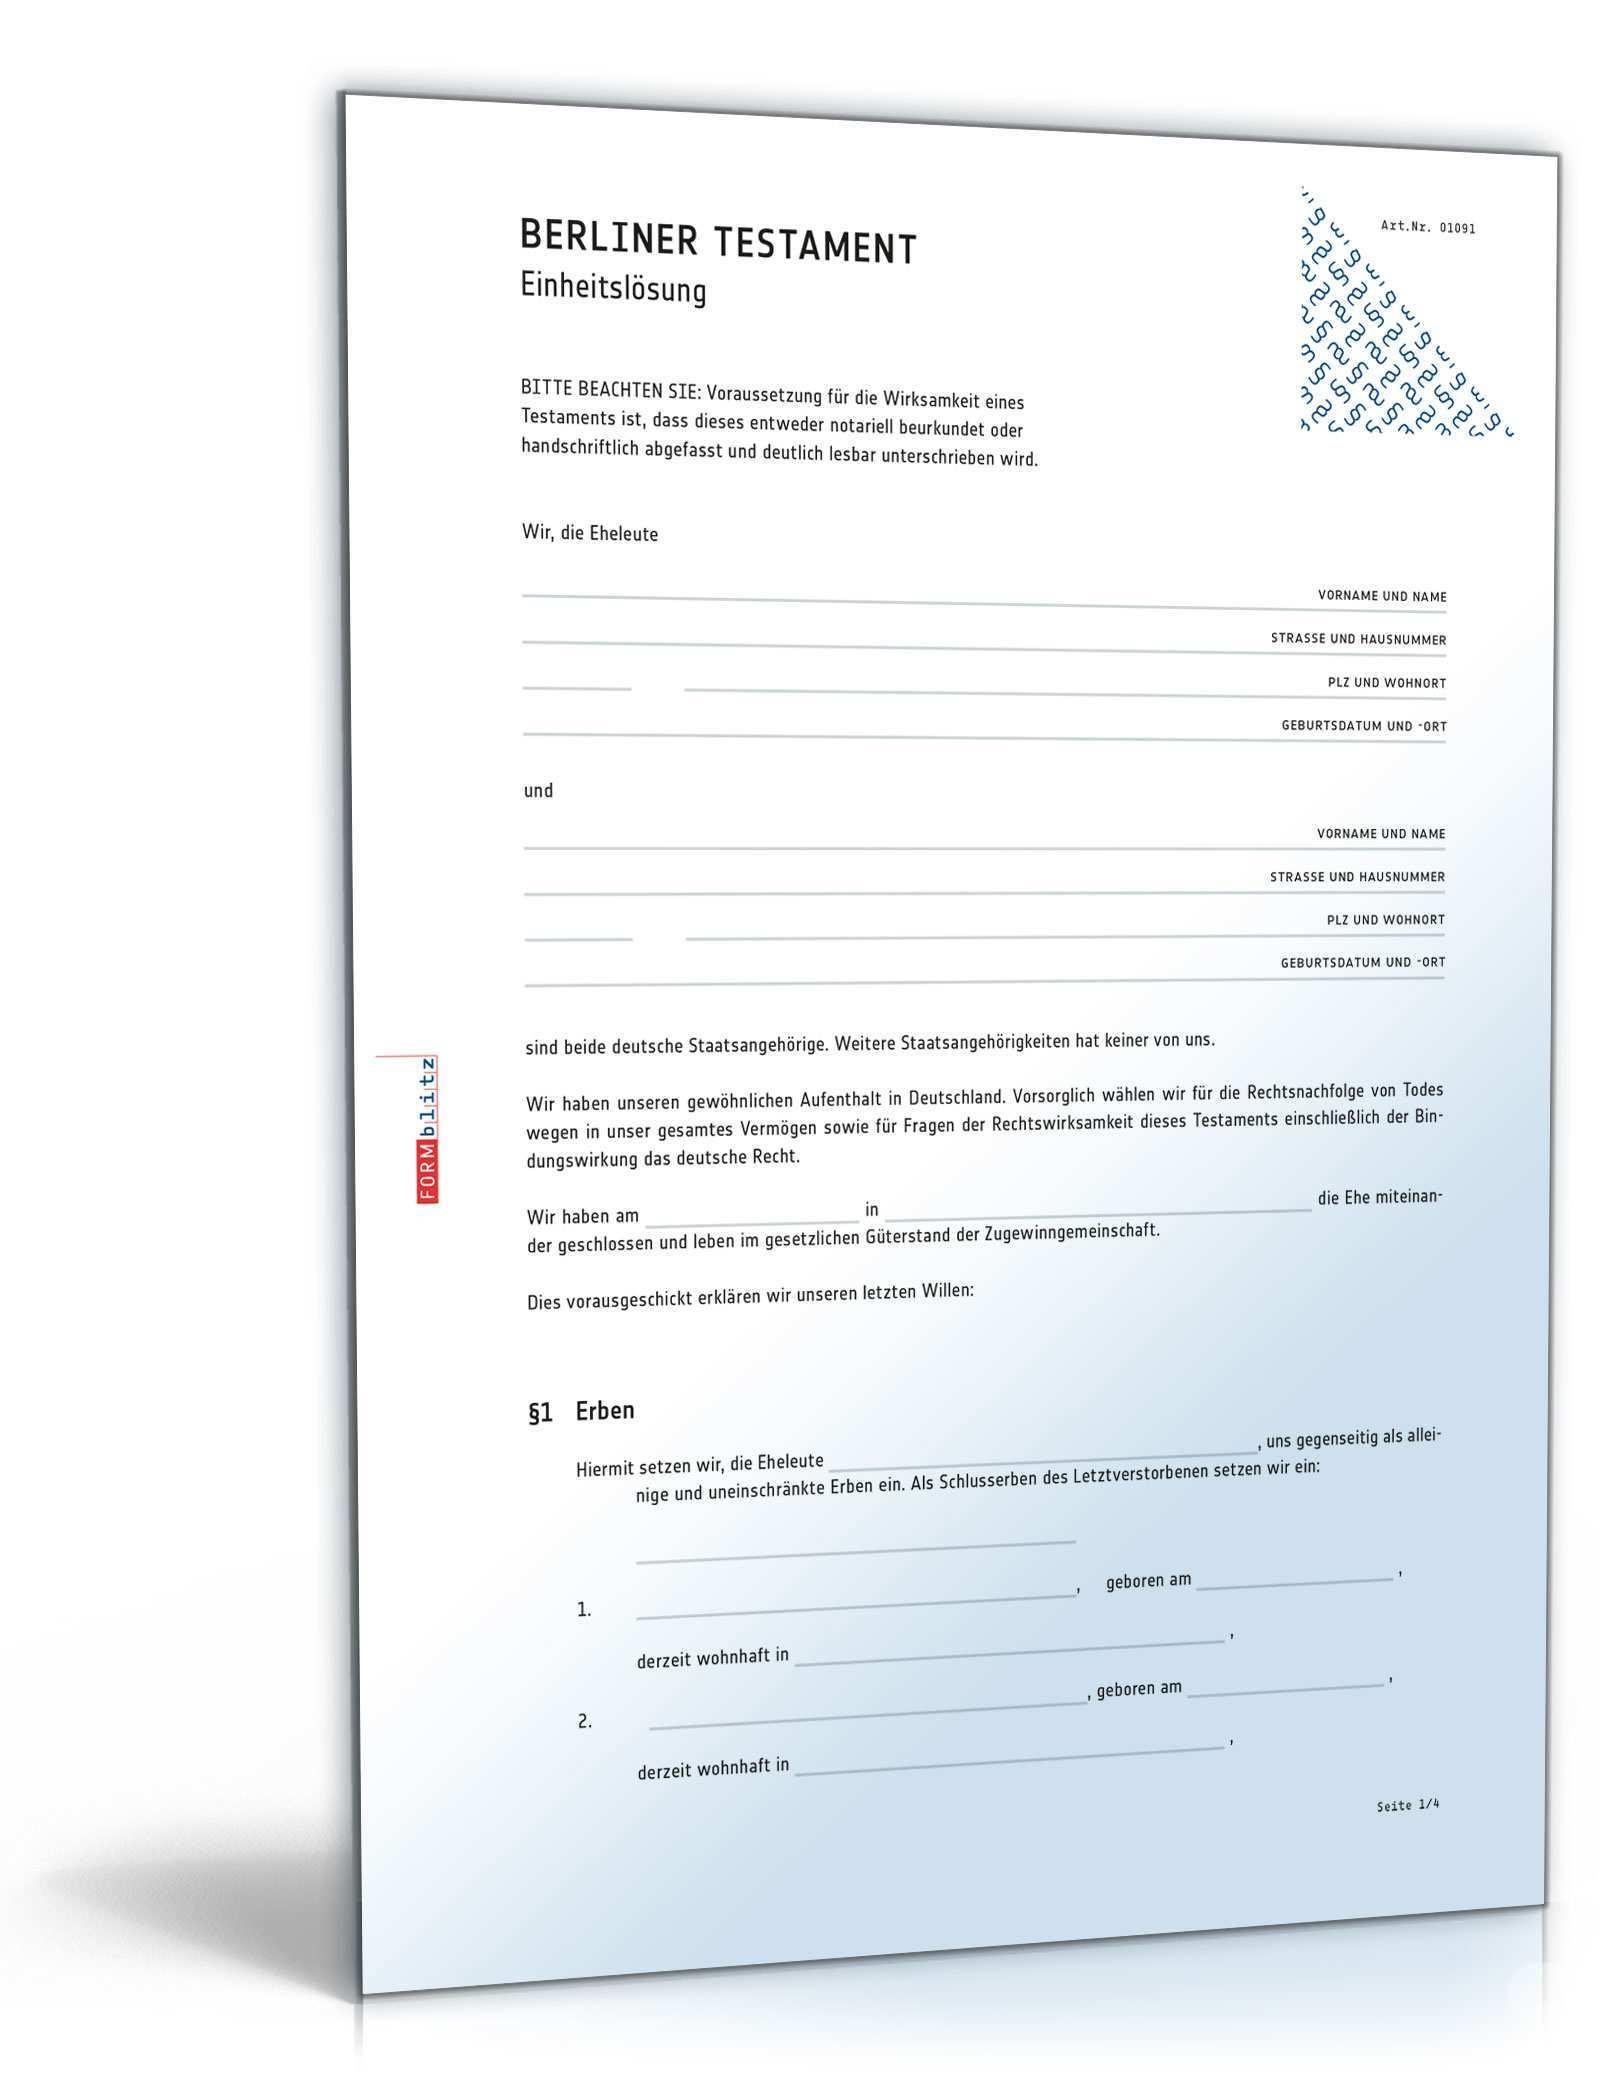 Berliner Testament Einheitslosung De Testament Download